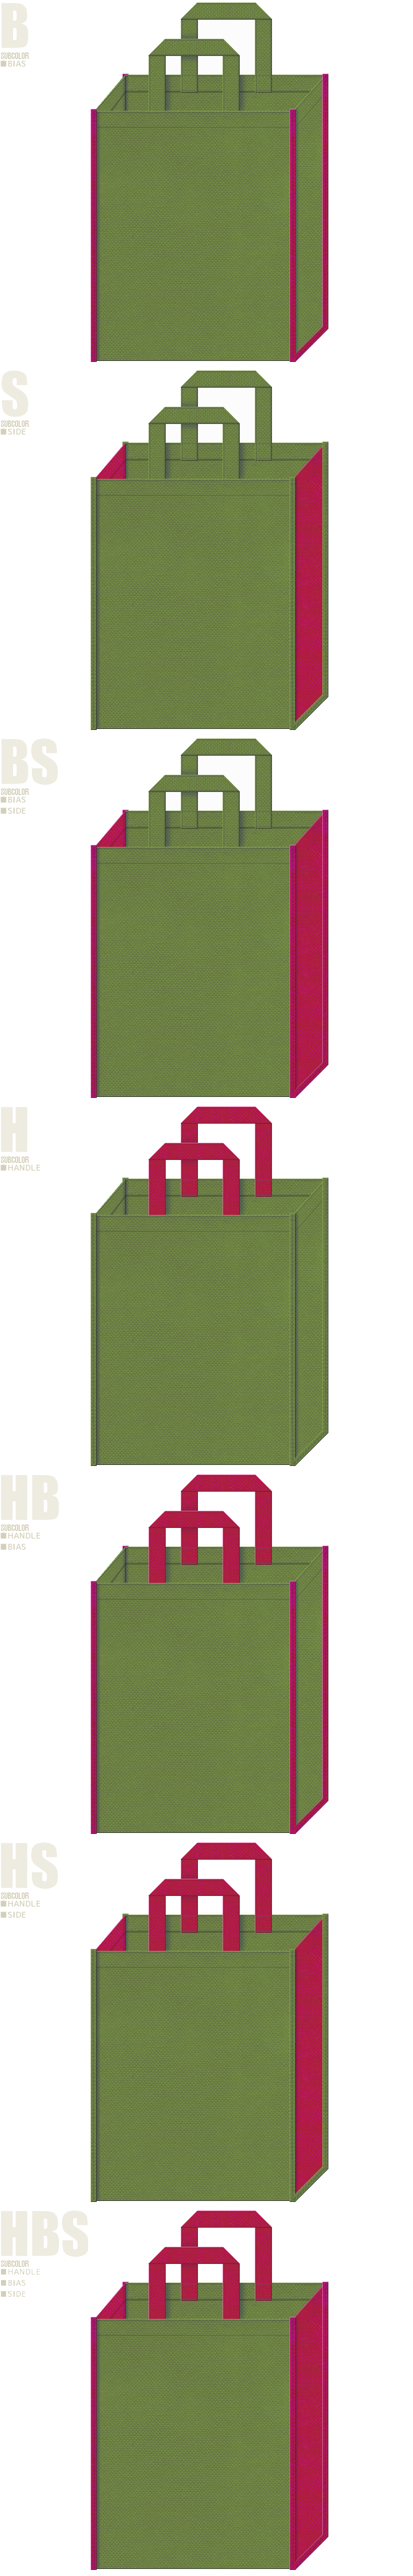 草色と濃いピンク色、7パターンの不織布トートバッグ配色デザイン例。和風商品の展示会用バッグにお奨めです。メジロと梅風。